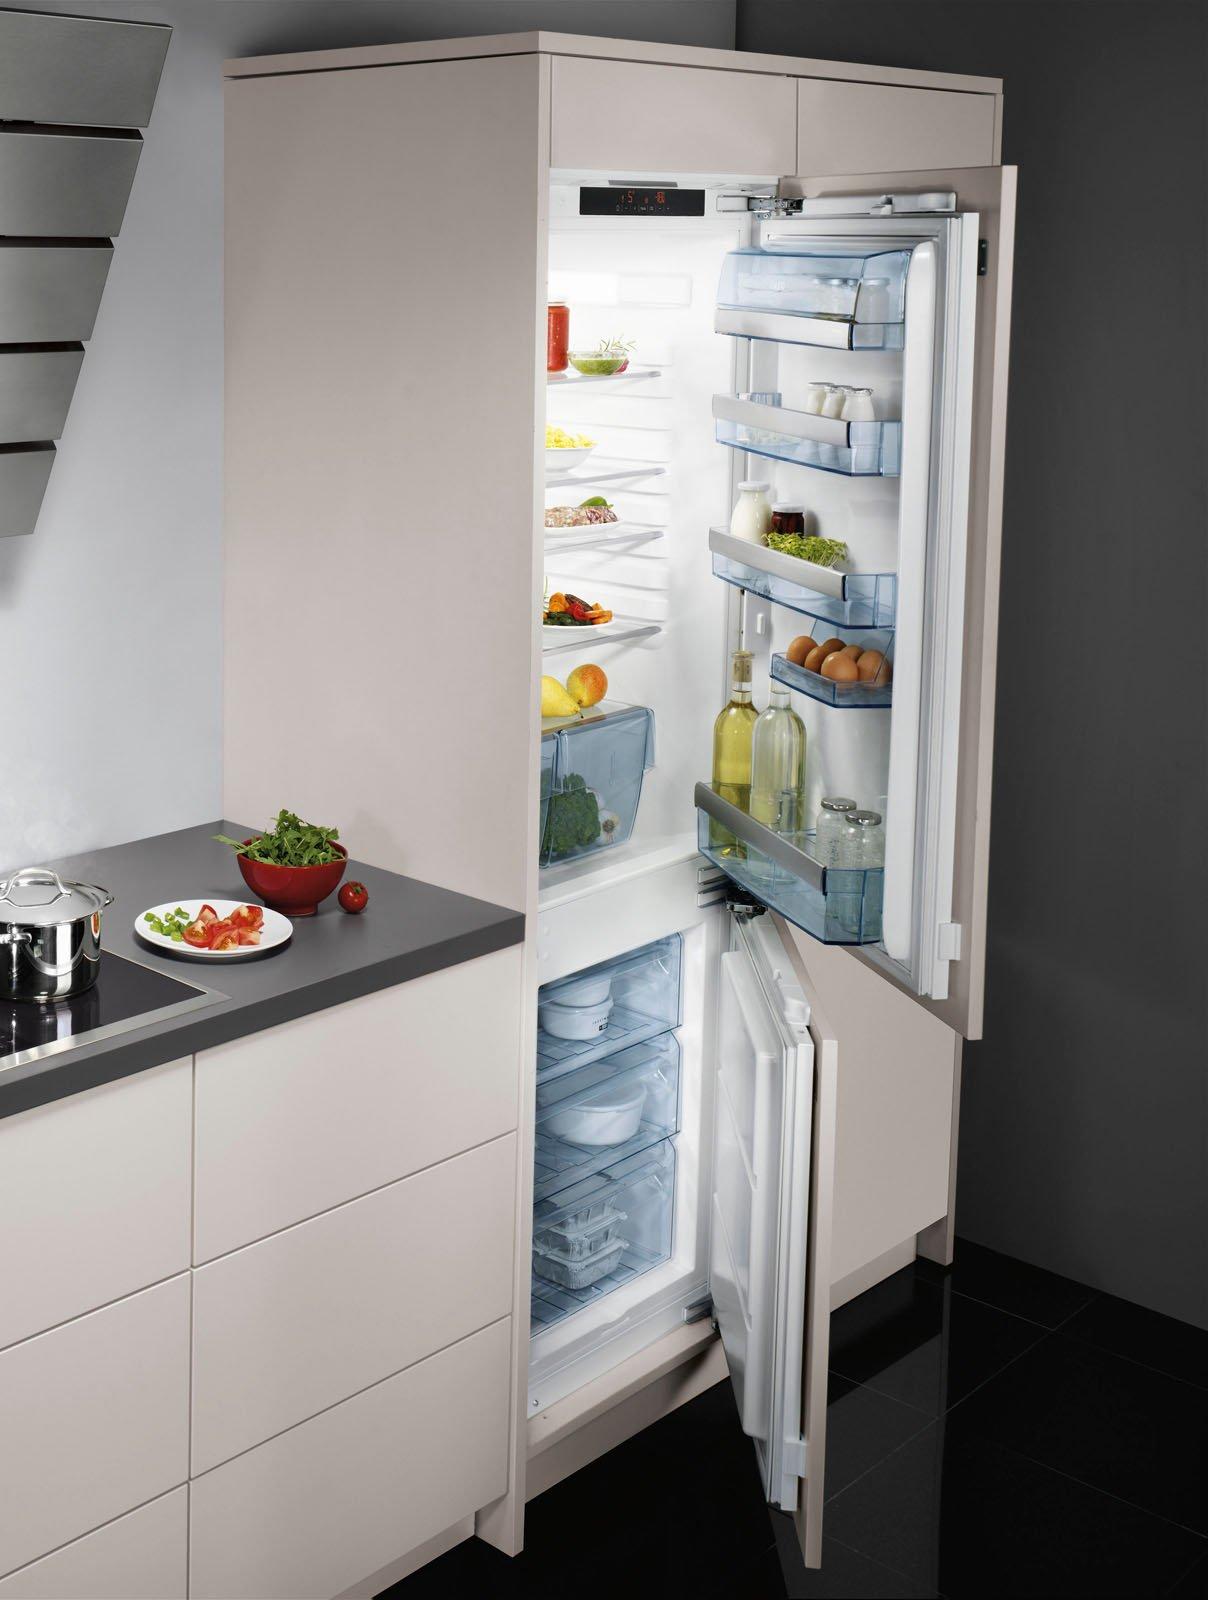 Frigoriferi nuove qualit per il freddo cose di casa - Frigoriferi da incasso misure ...